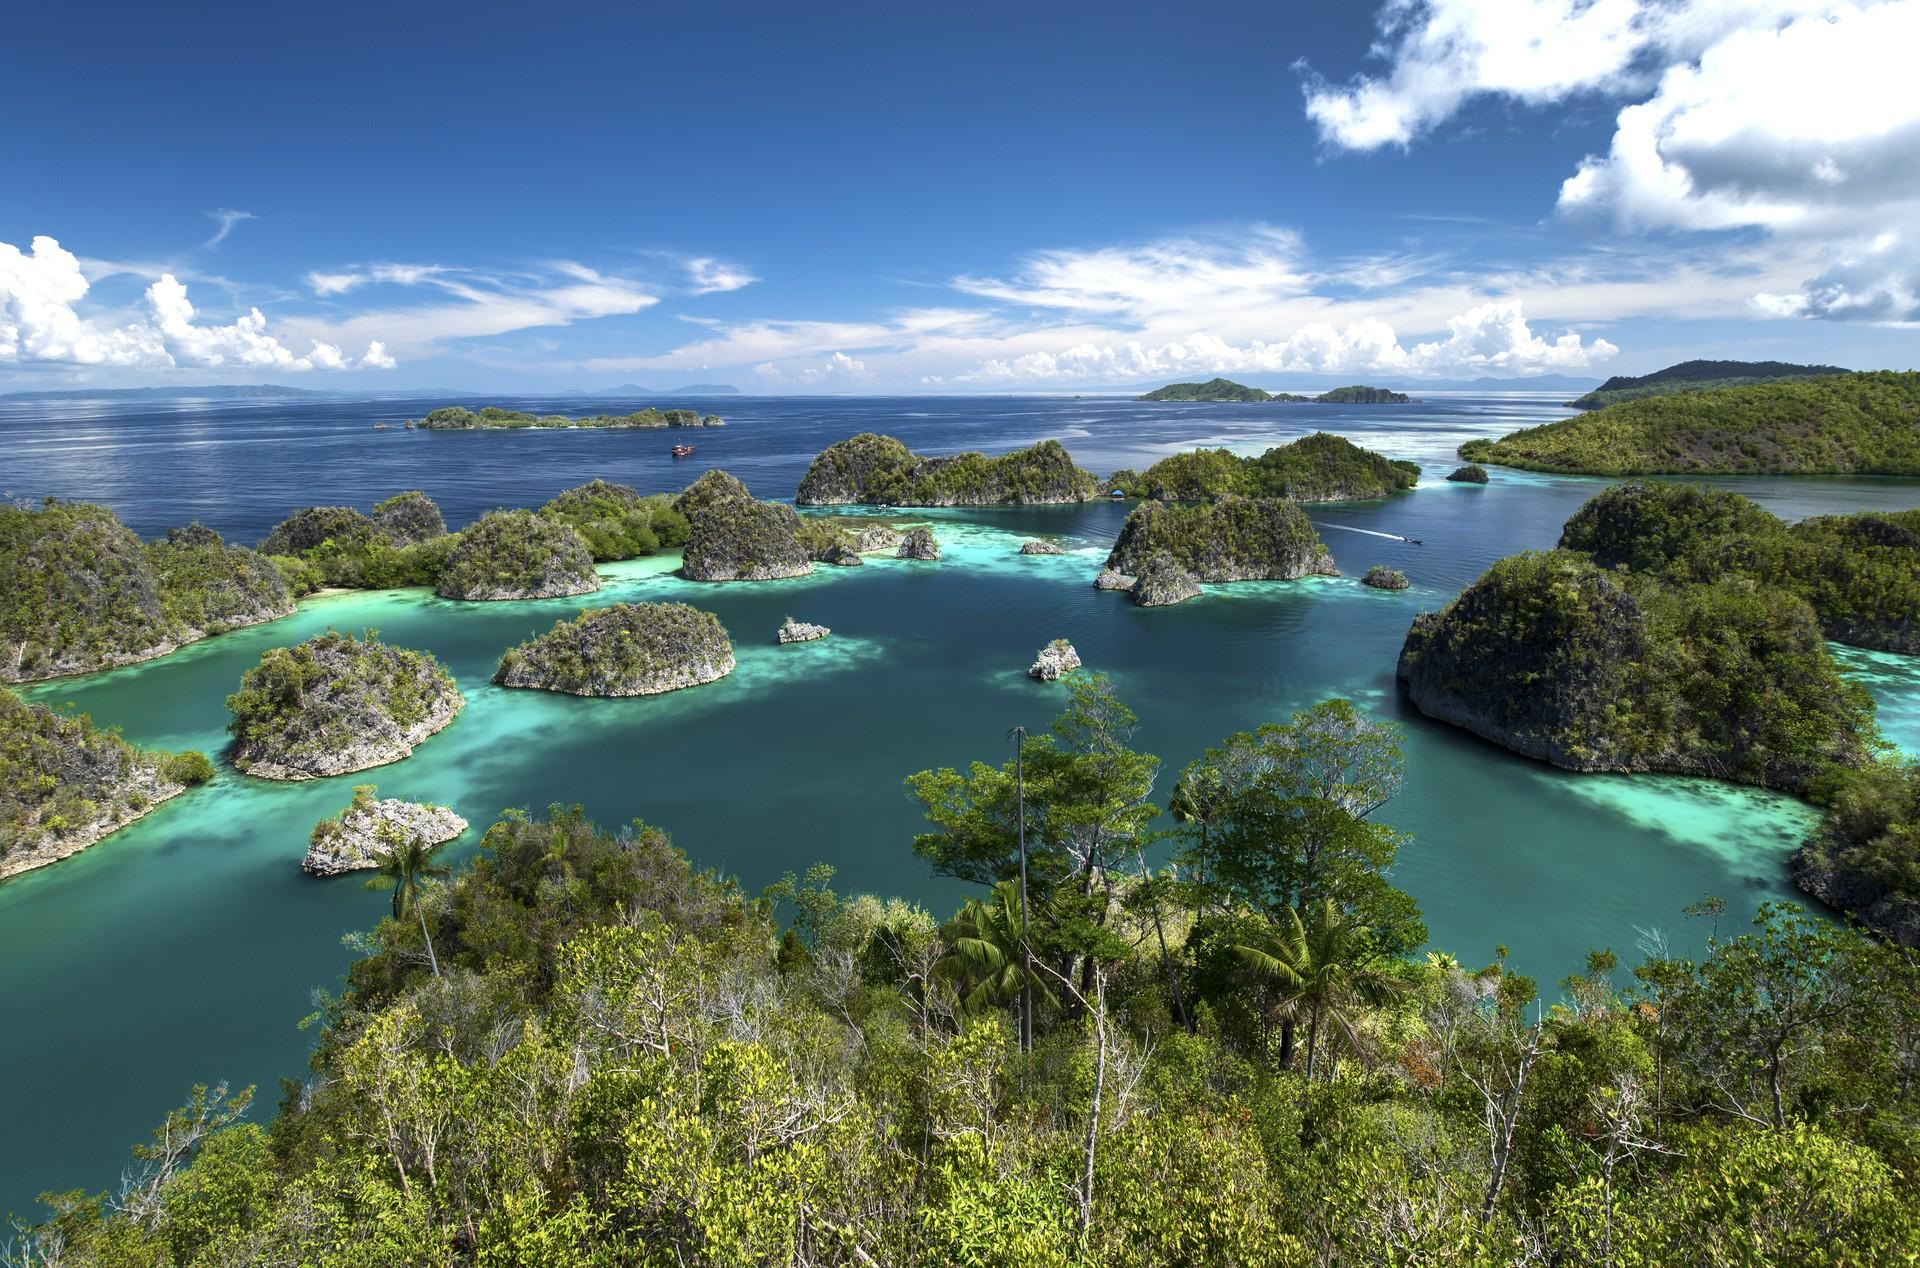 Aerial view of Raja Ampat in Indonesia